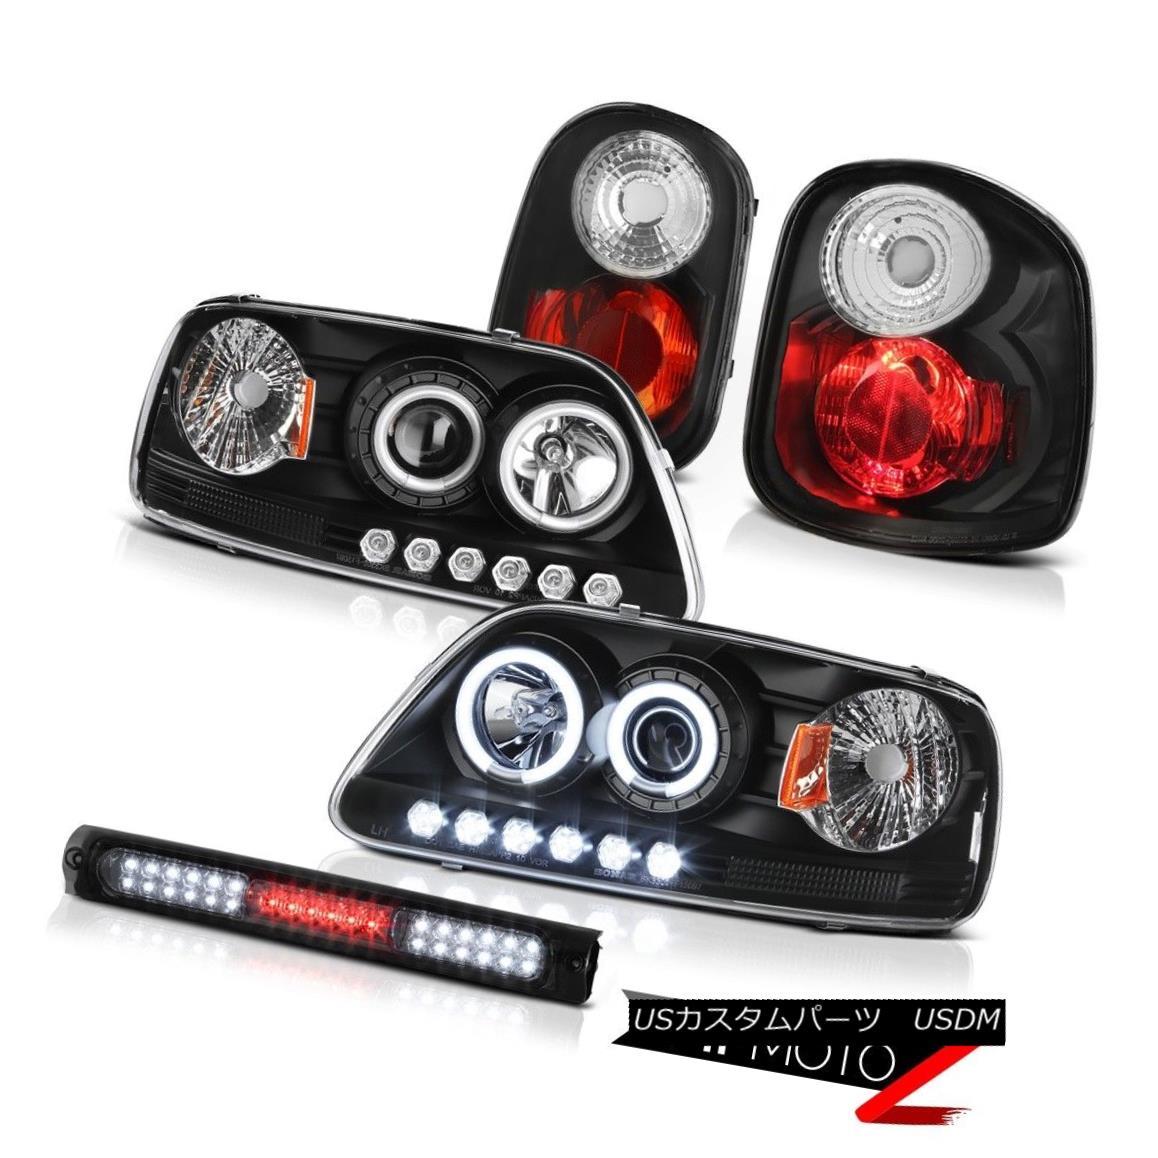 ヘッドライト Black CCFL Rim Headlights Rear Brake Lights Cargo LED 97-00 F150 Flareside XL ブラックCCFLリムヘッドライトリアブレーキライトカーゴLED 97-00 F150 Flareside XL